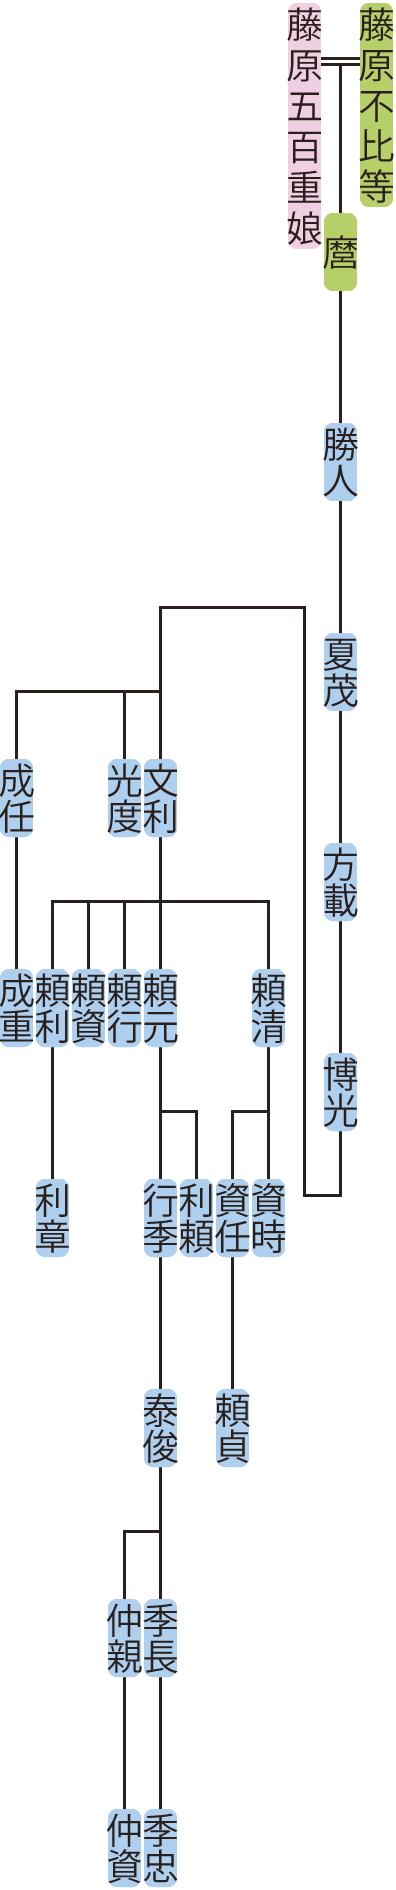 藤原勝人の系図